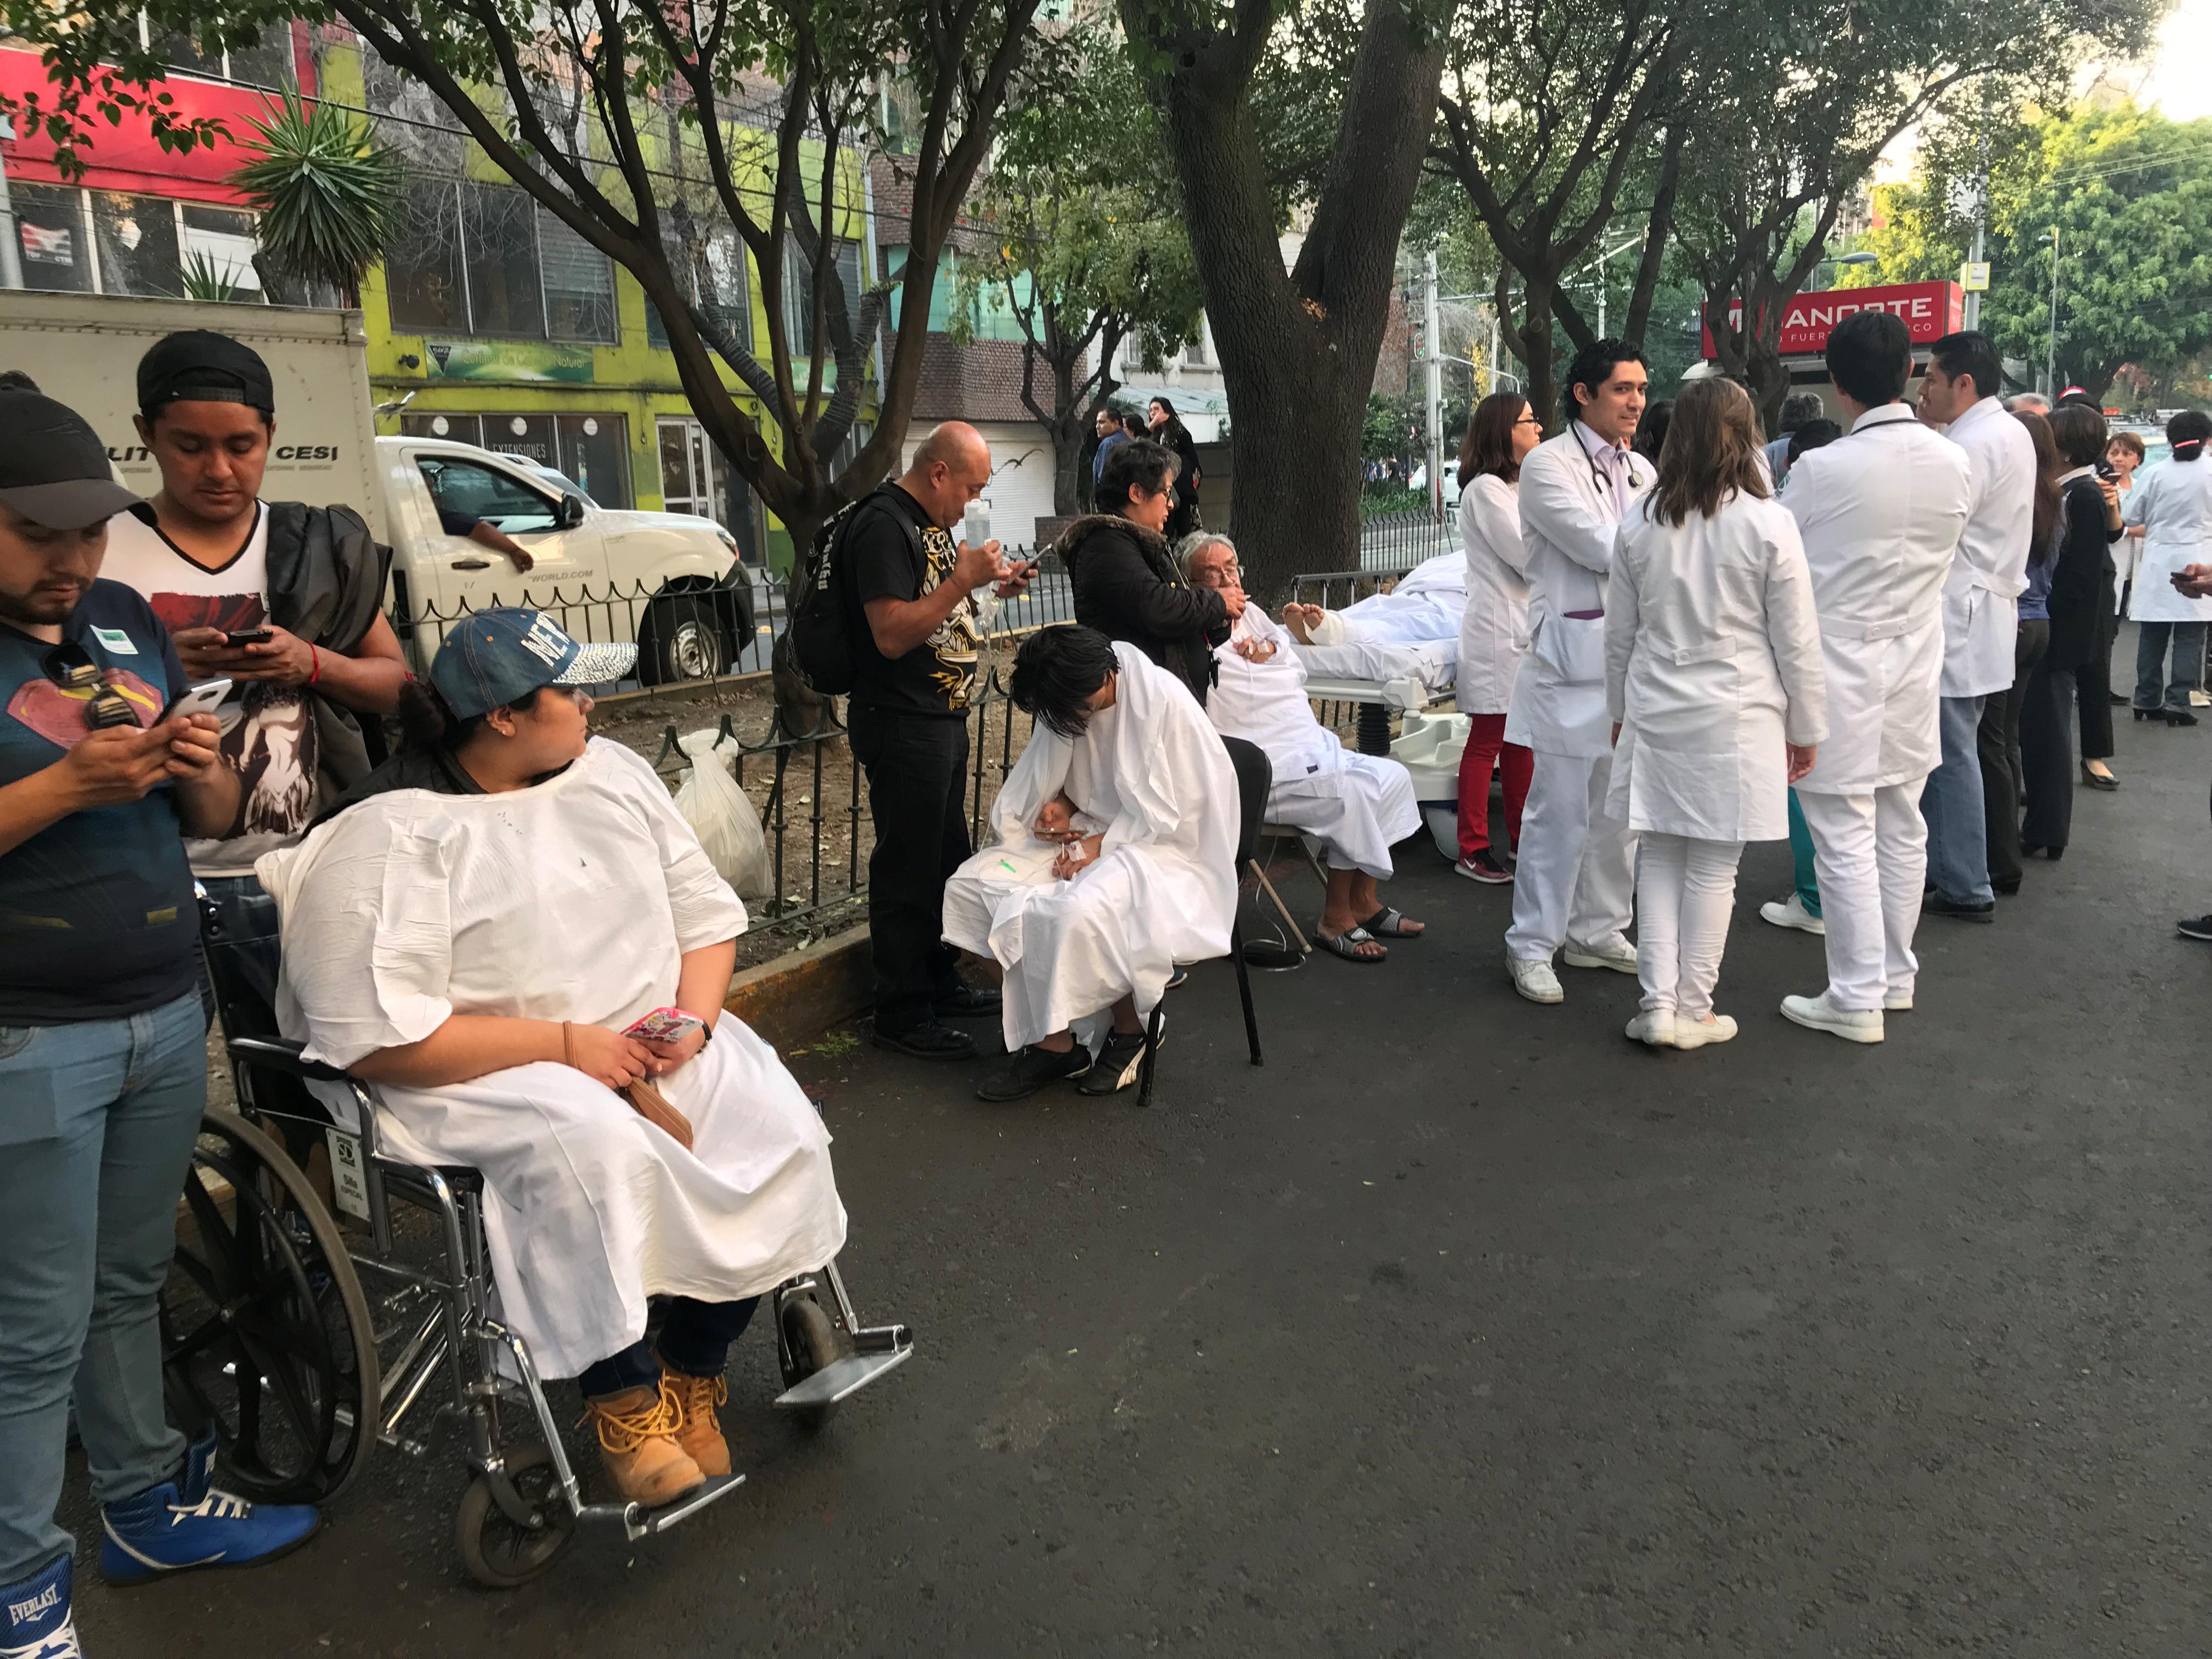 عدد من المكسيكيين يتلقون الرعاية الطبية